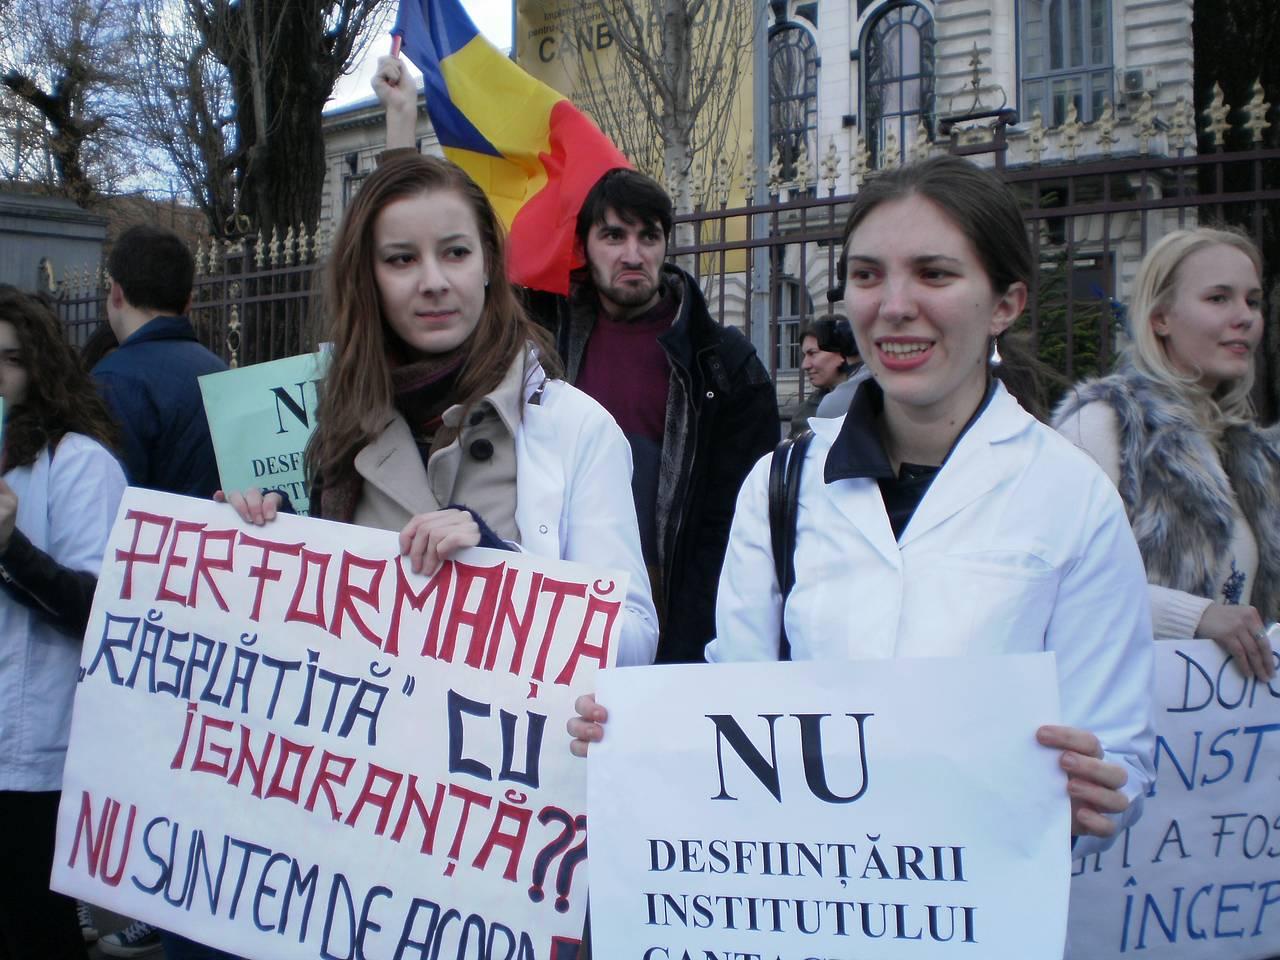 NU desființării Institutului Cantacuzino